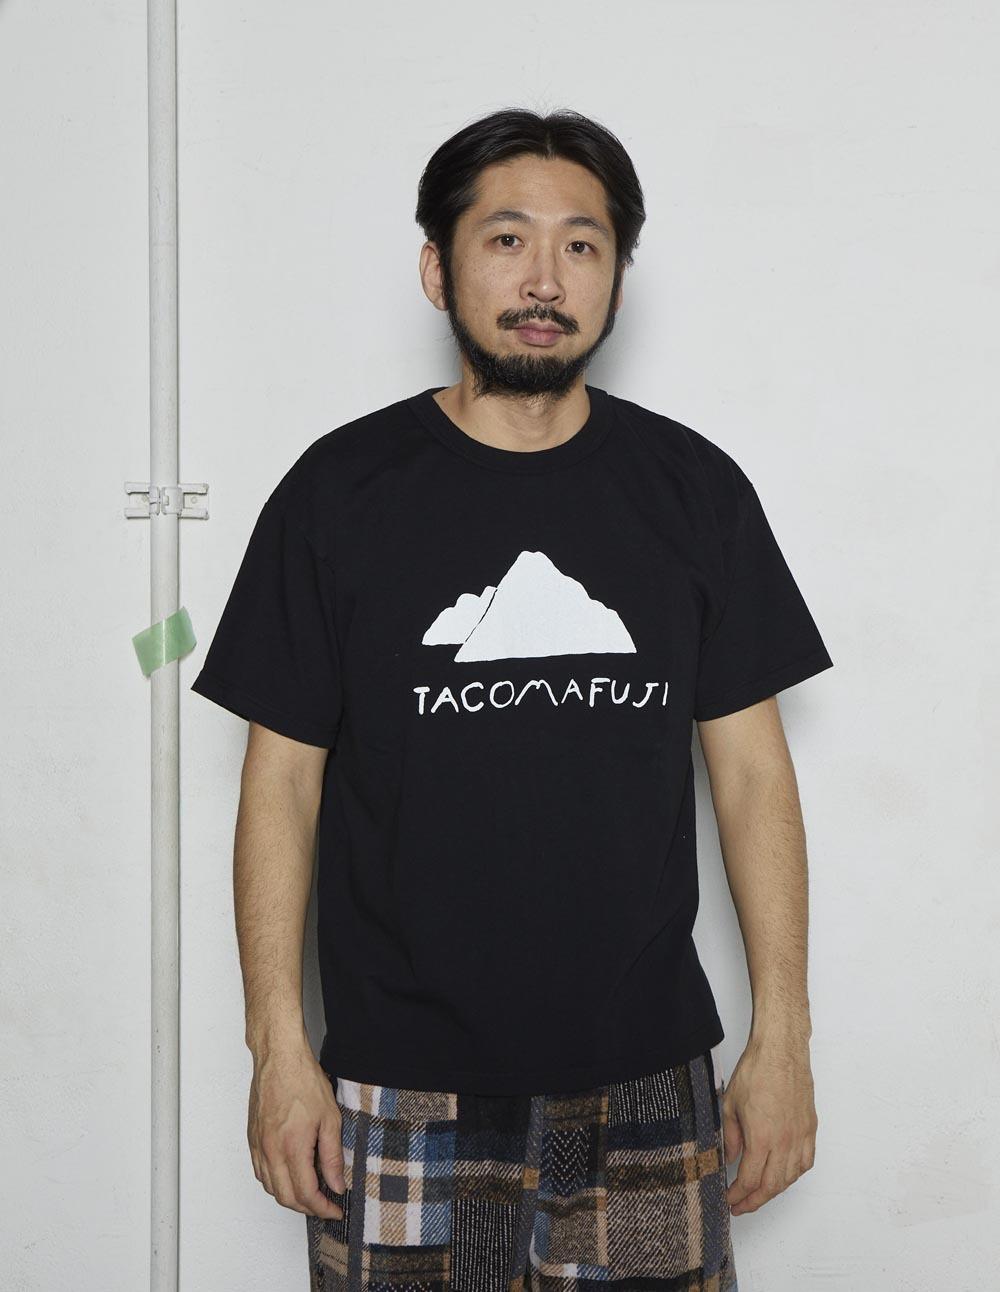 Mt. TACOMA FUJIのご案内_a0152253_09221276.jpg